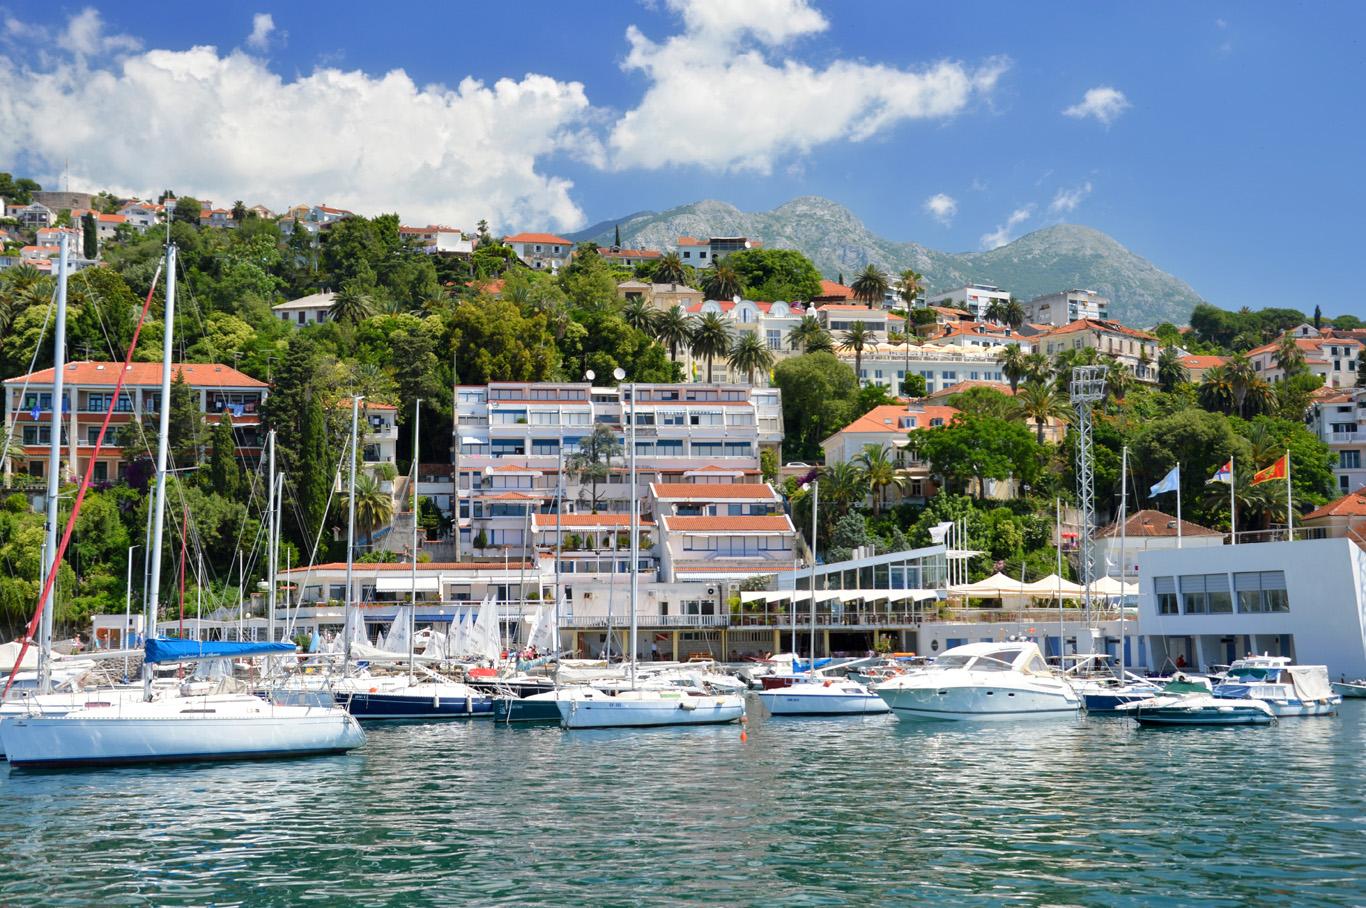 Boats in the port of Herceg Novi